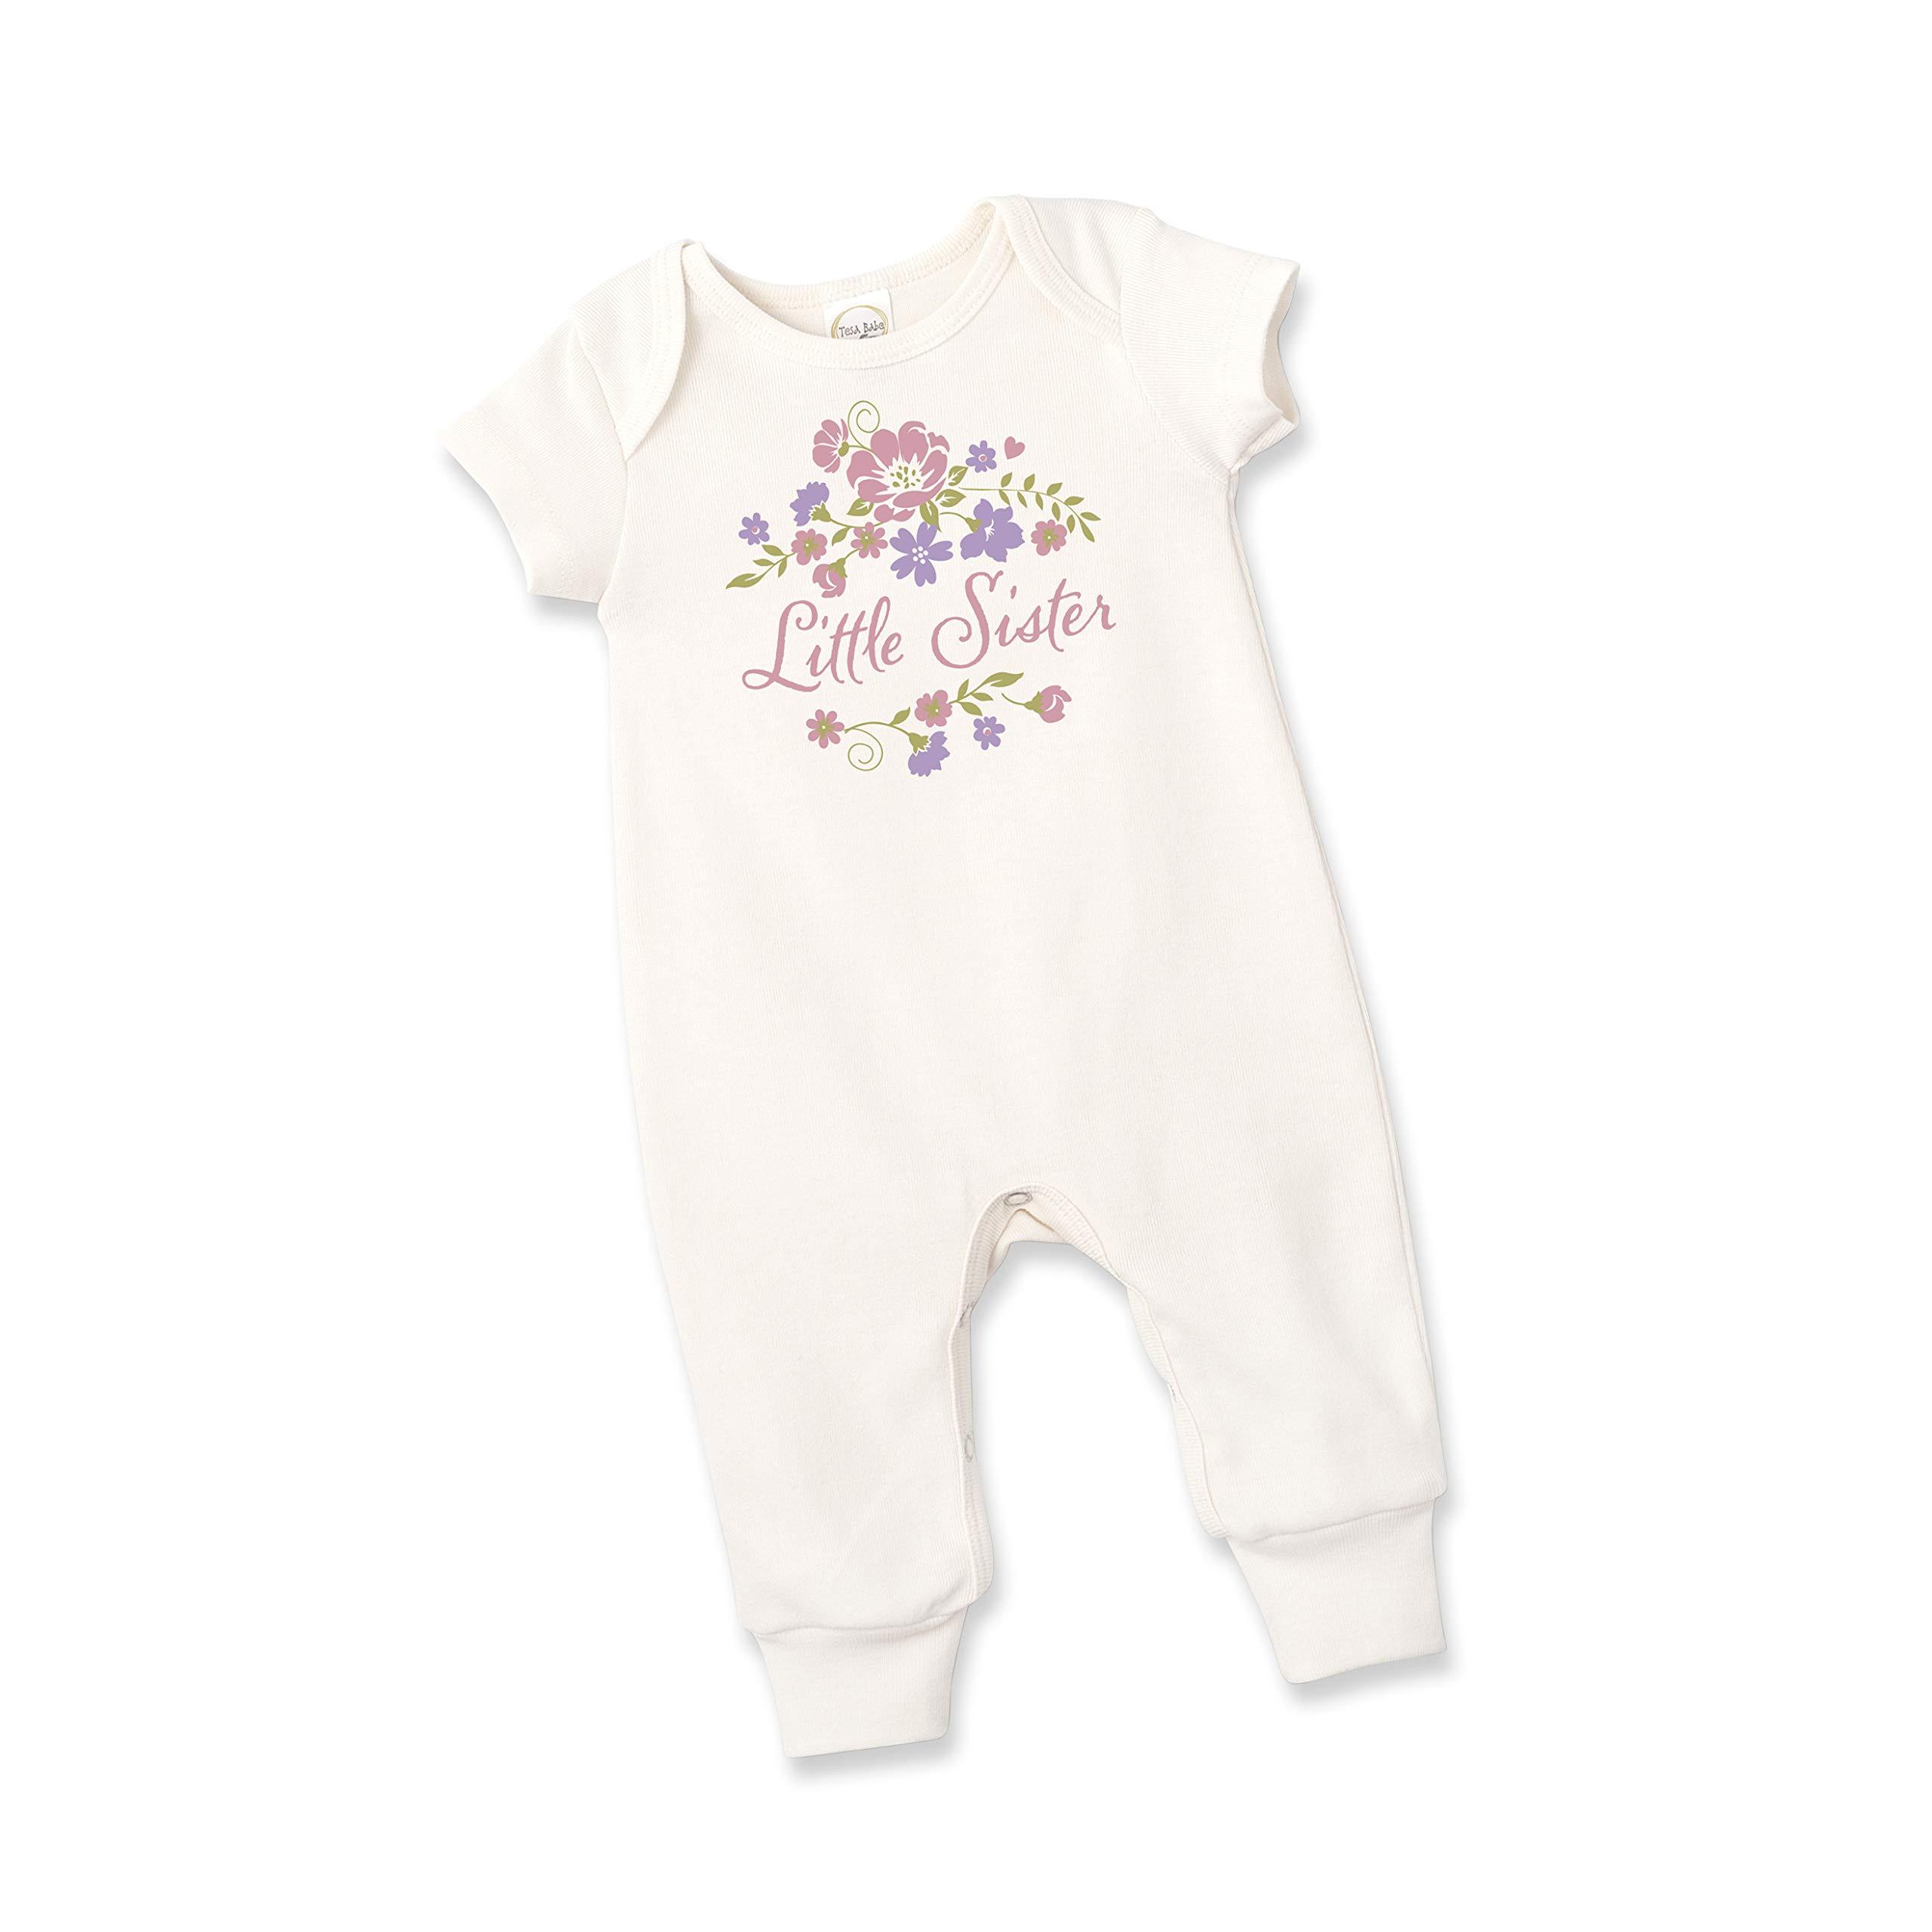 Tesa Babe Little Sister Romper for Newborns, Baby